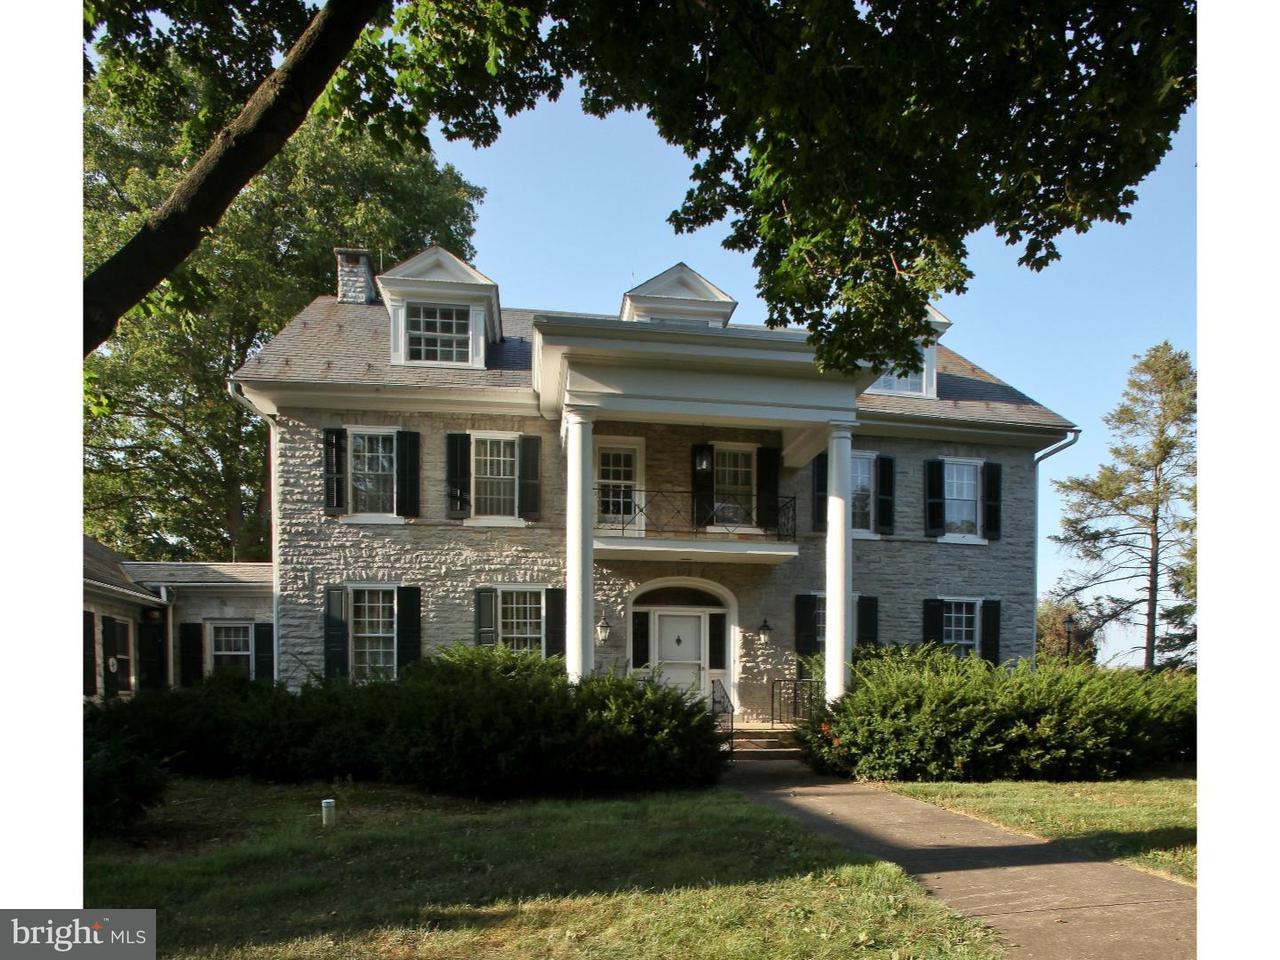 农场 为 销售 在 458 BEECHDALE Road Bird In Hand, 宾夕法尼亚州 17505 美国